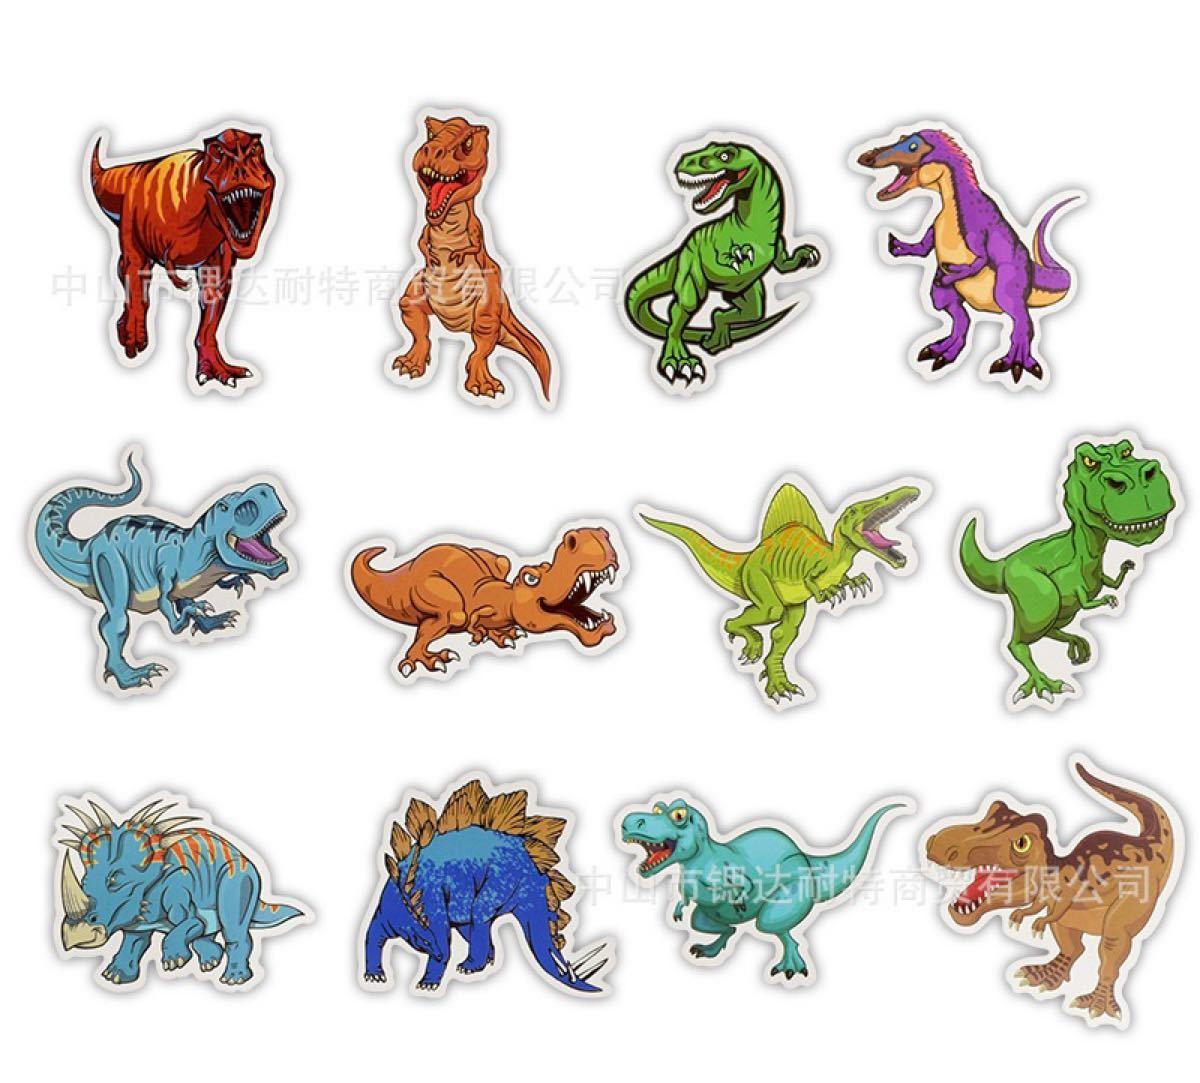 恐竜 ダイナソー ステッカー 50枚セット 男の子 おもちゃ シール 玩具